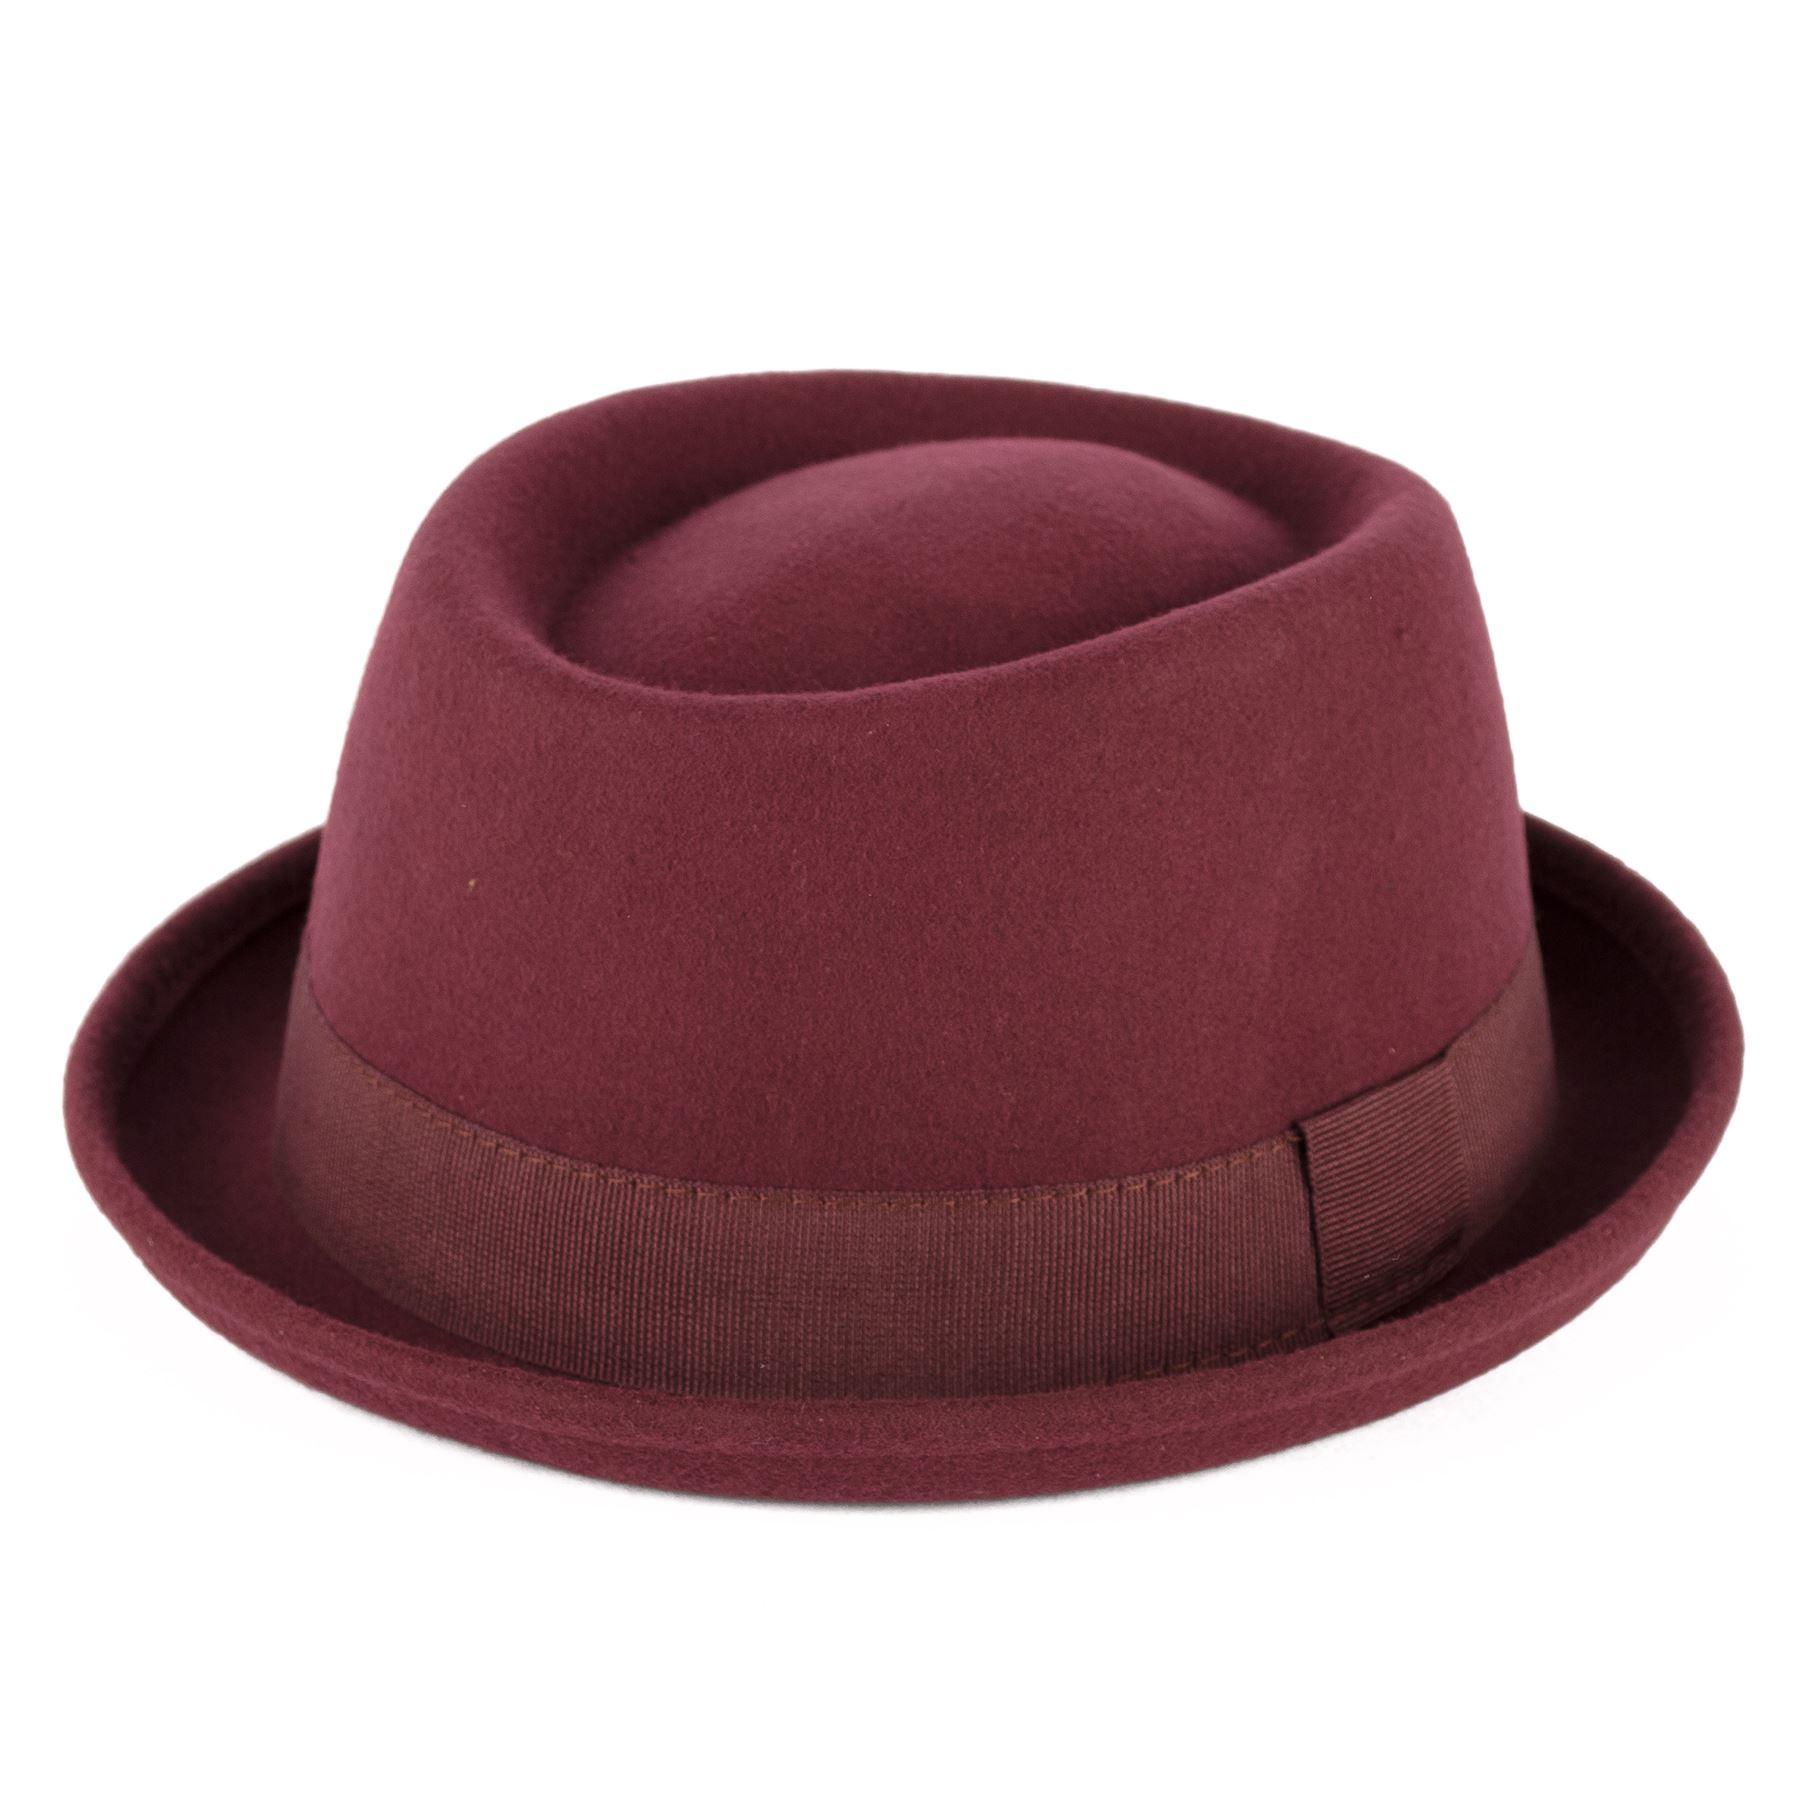 chapeau pork pie 100 laine avec ruban gros grain fait la main en italie ebay. Black Bedroom Furniture Sets. Home Design Ideas